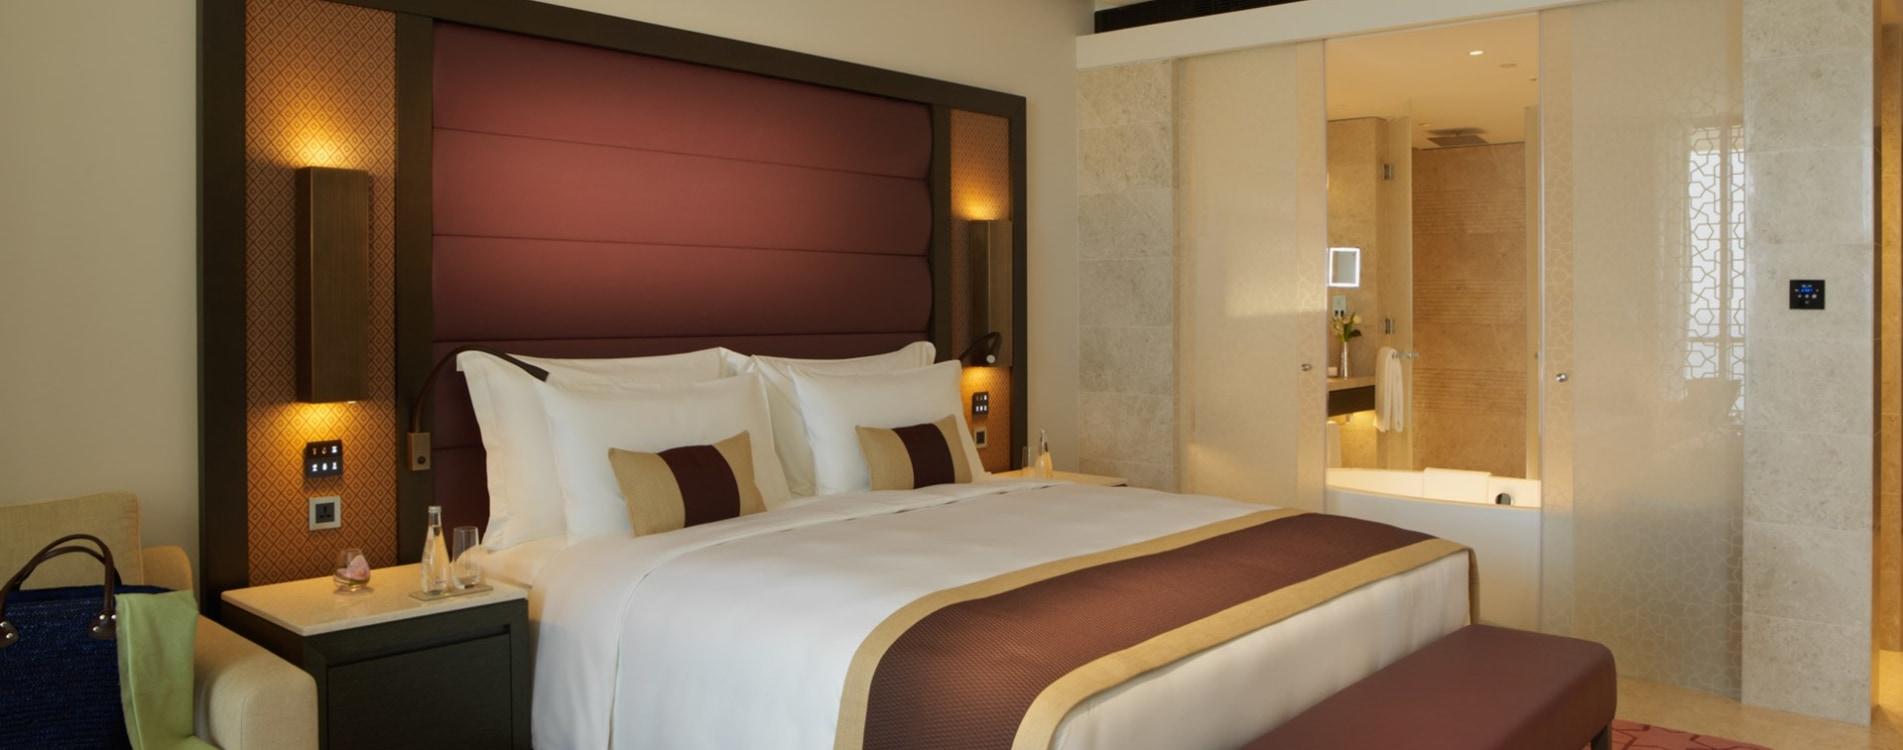 Kempinski-Hotel-Muscat-Superior-Room-Interior-Oman